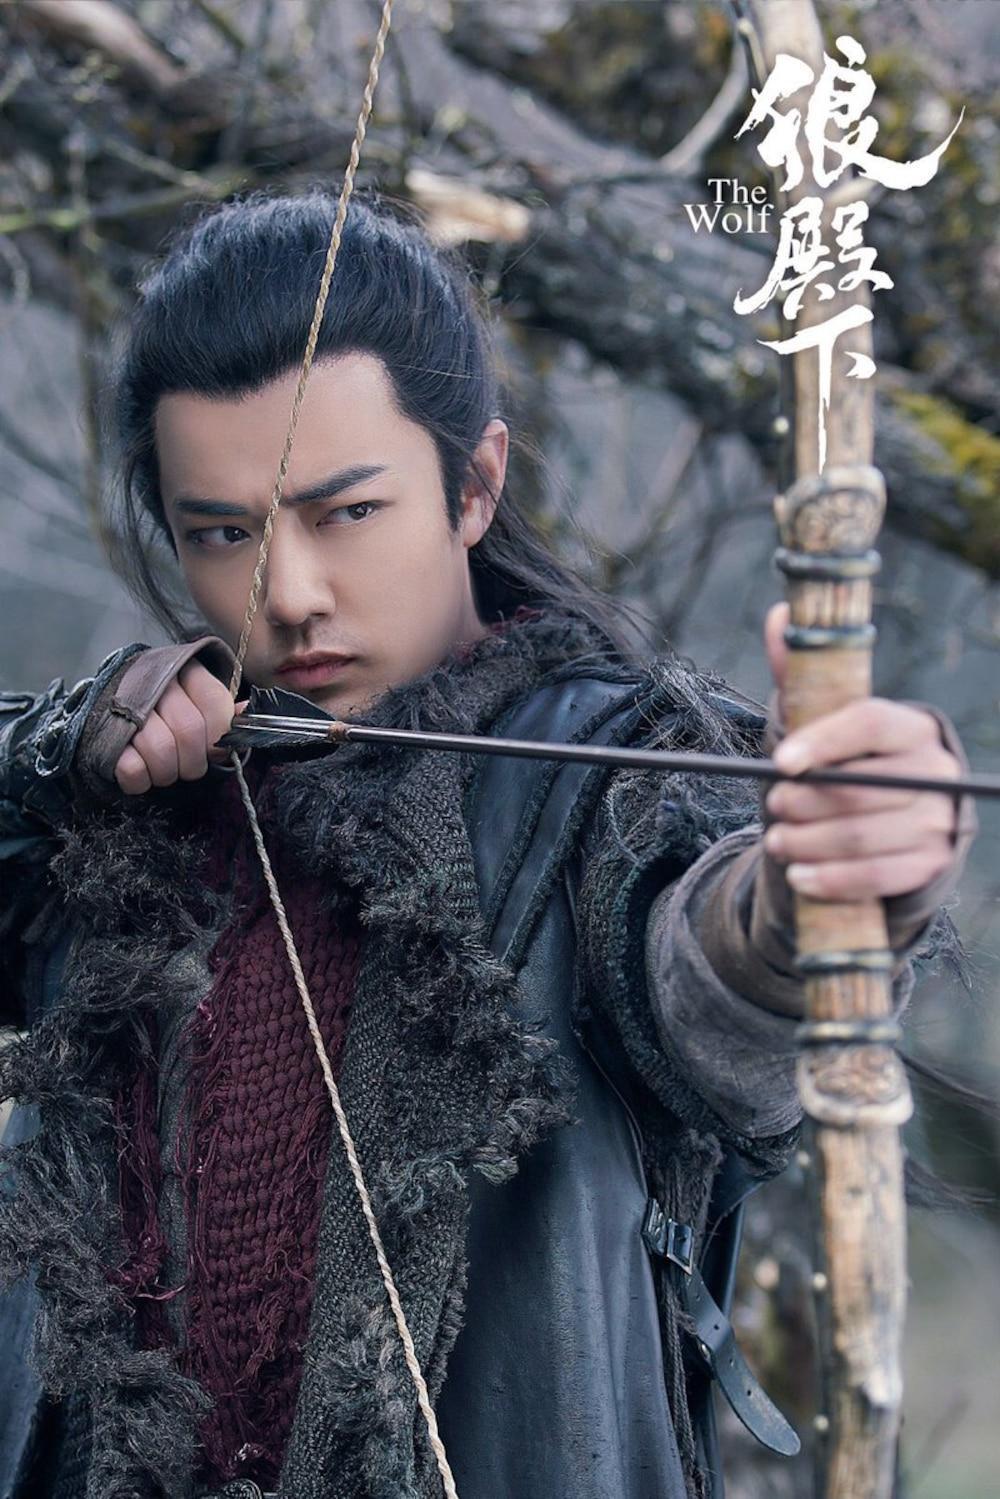 Chỉ số truyền thông diễn viên phim truyền hình Hoa Ngữ 2020: Chỉ với vai phụ, Tiêu Chiến dành ngôi á quân Ảnh 4